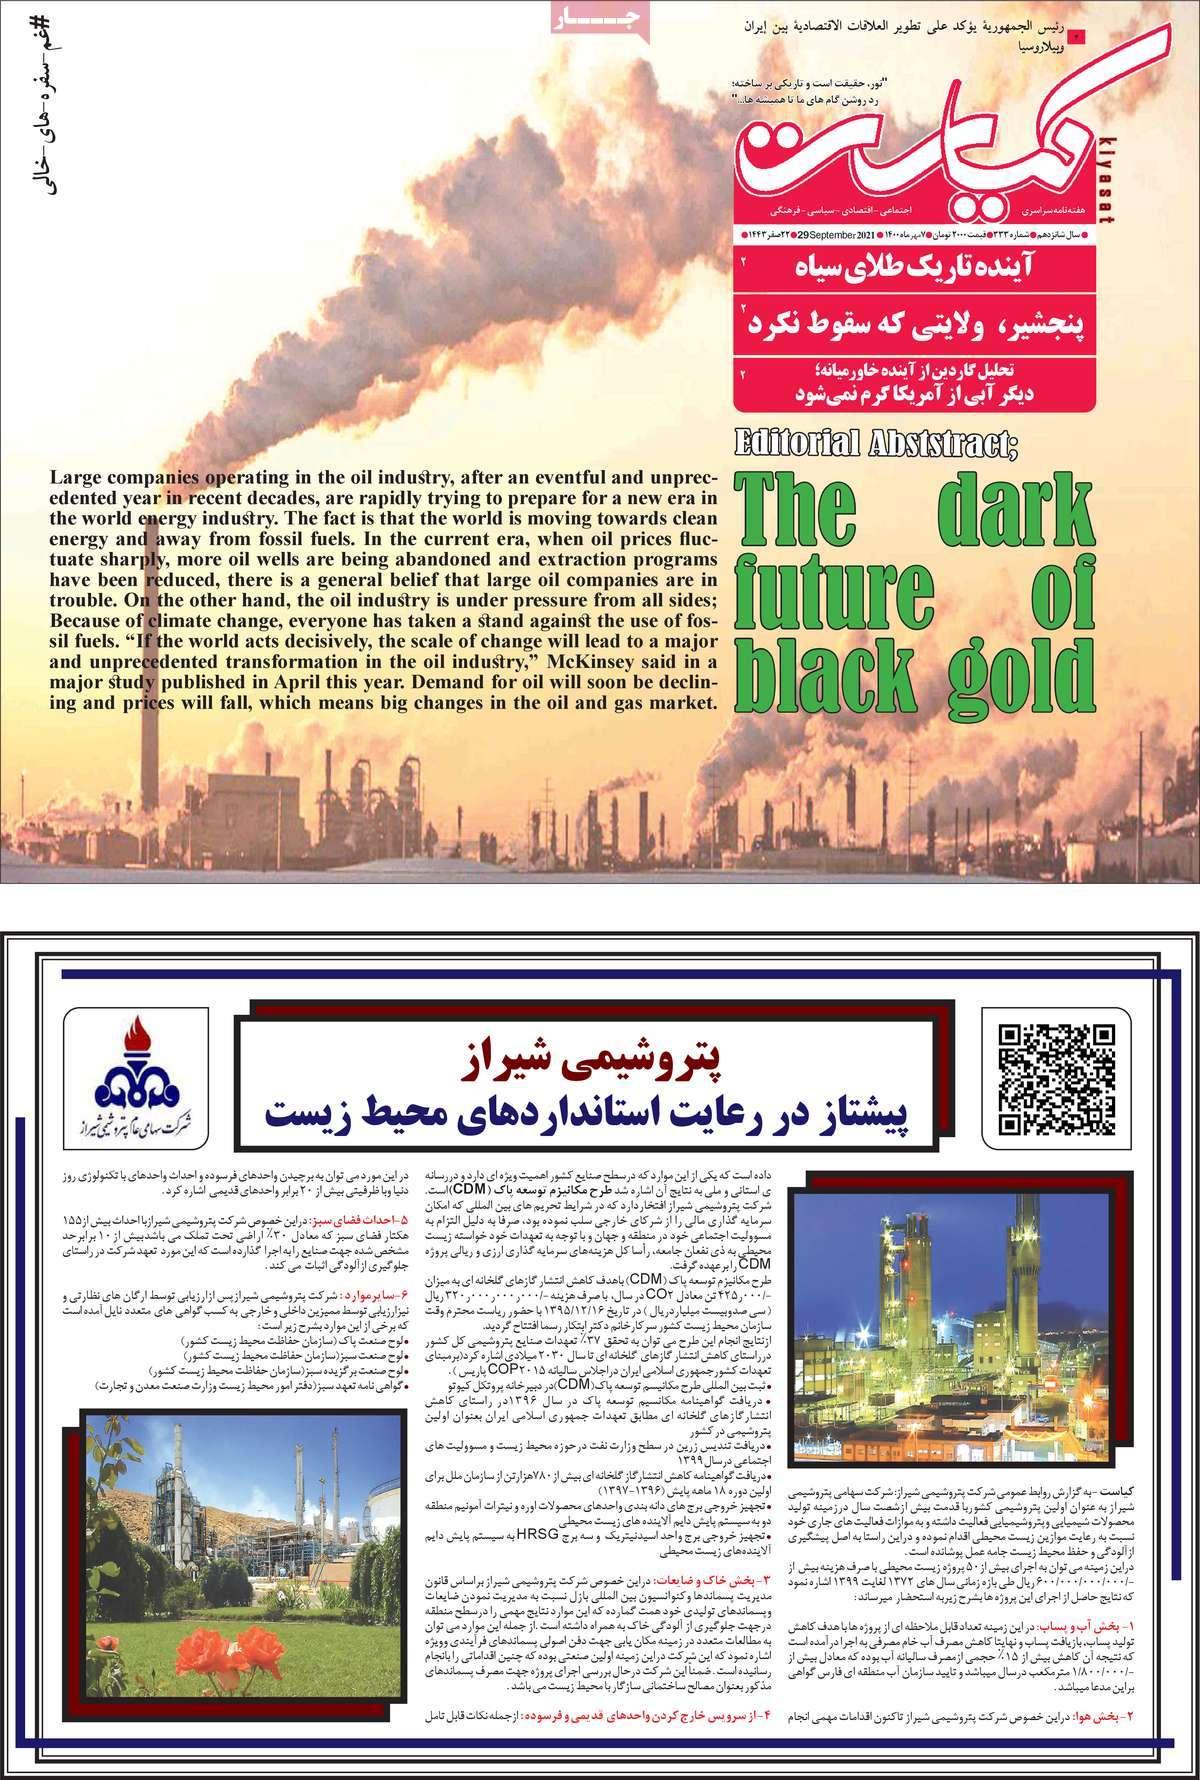 صفحه نخست مجله کیاست - چهارشنبه, ۰۷ مهر ۱۴۰۰